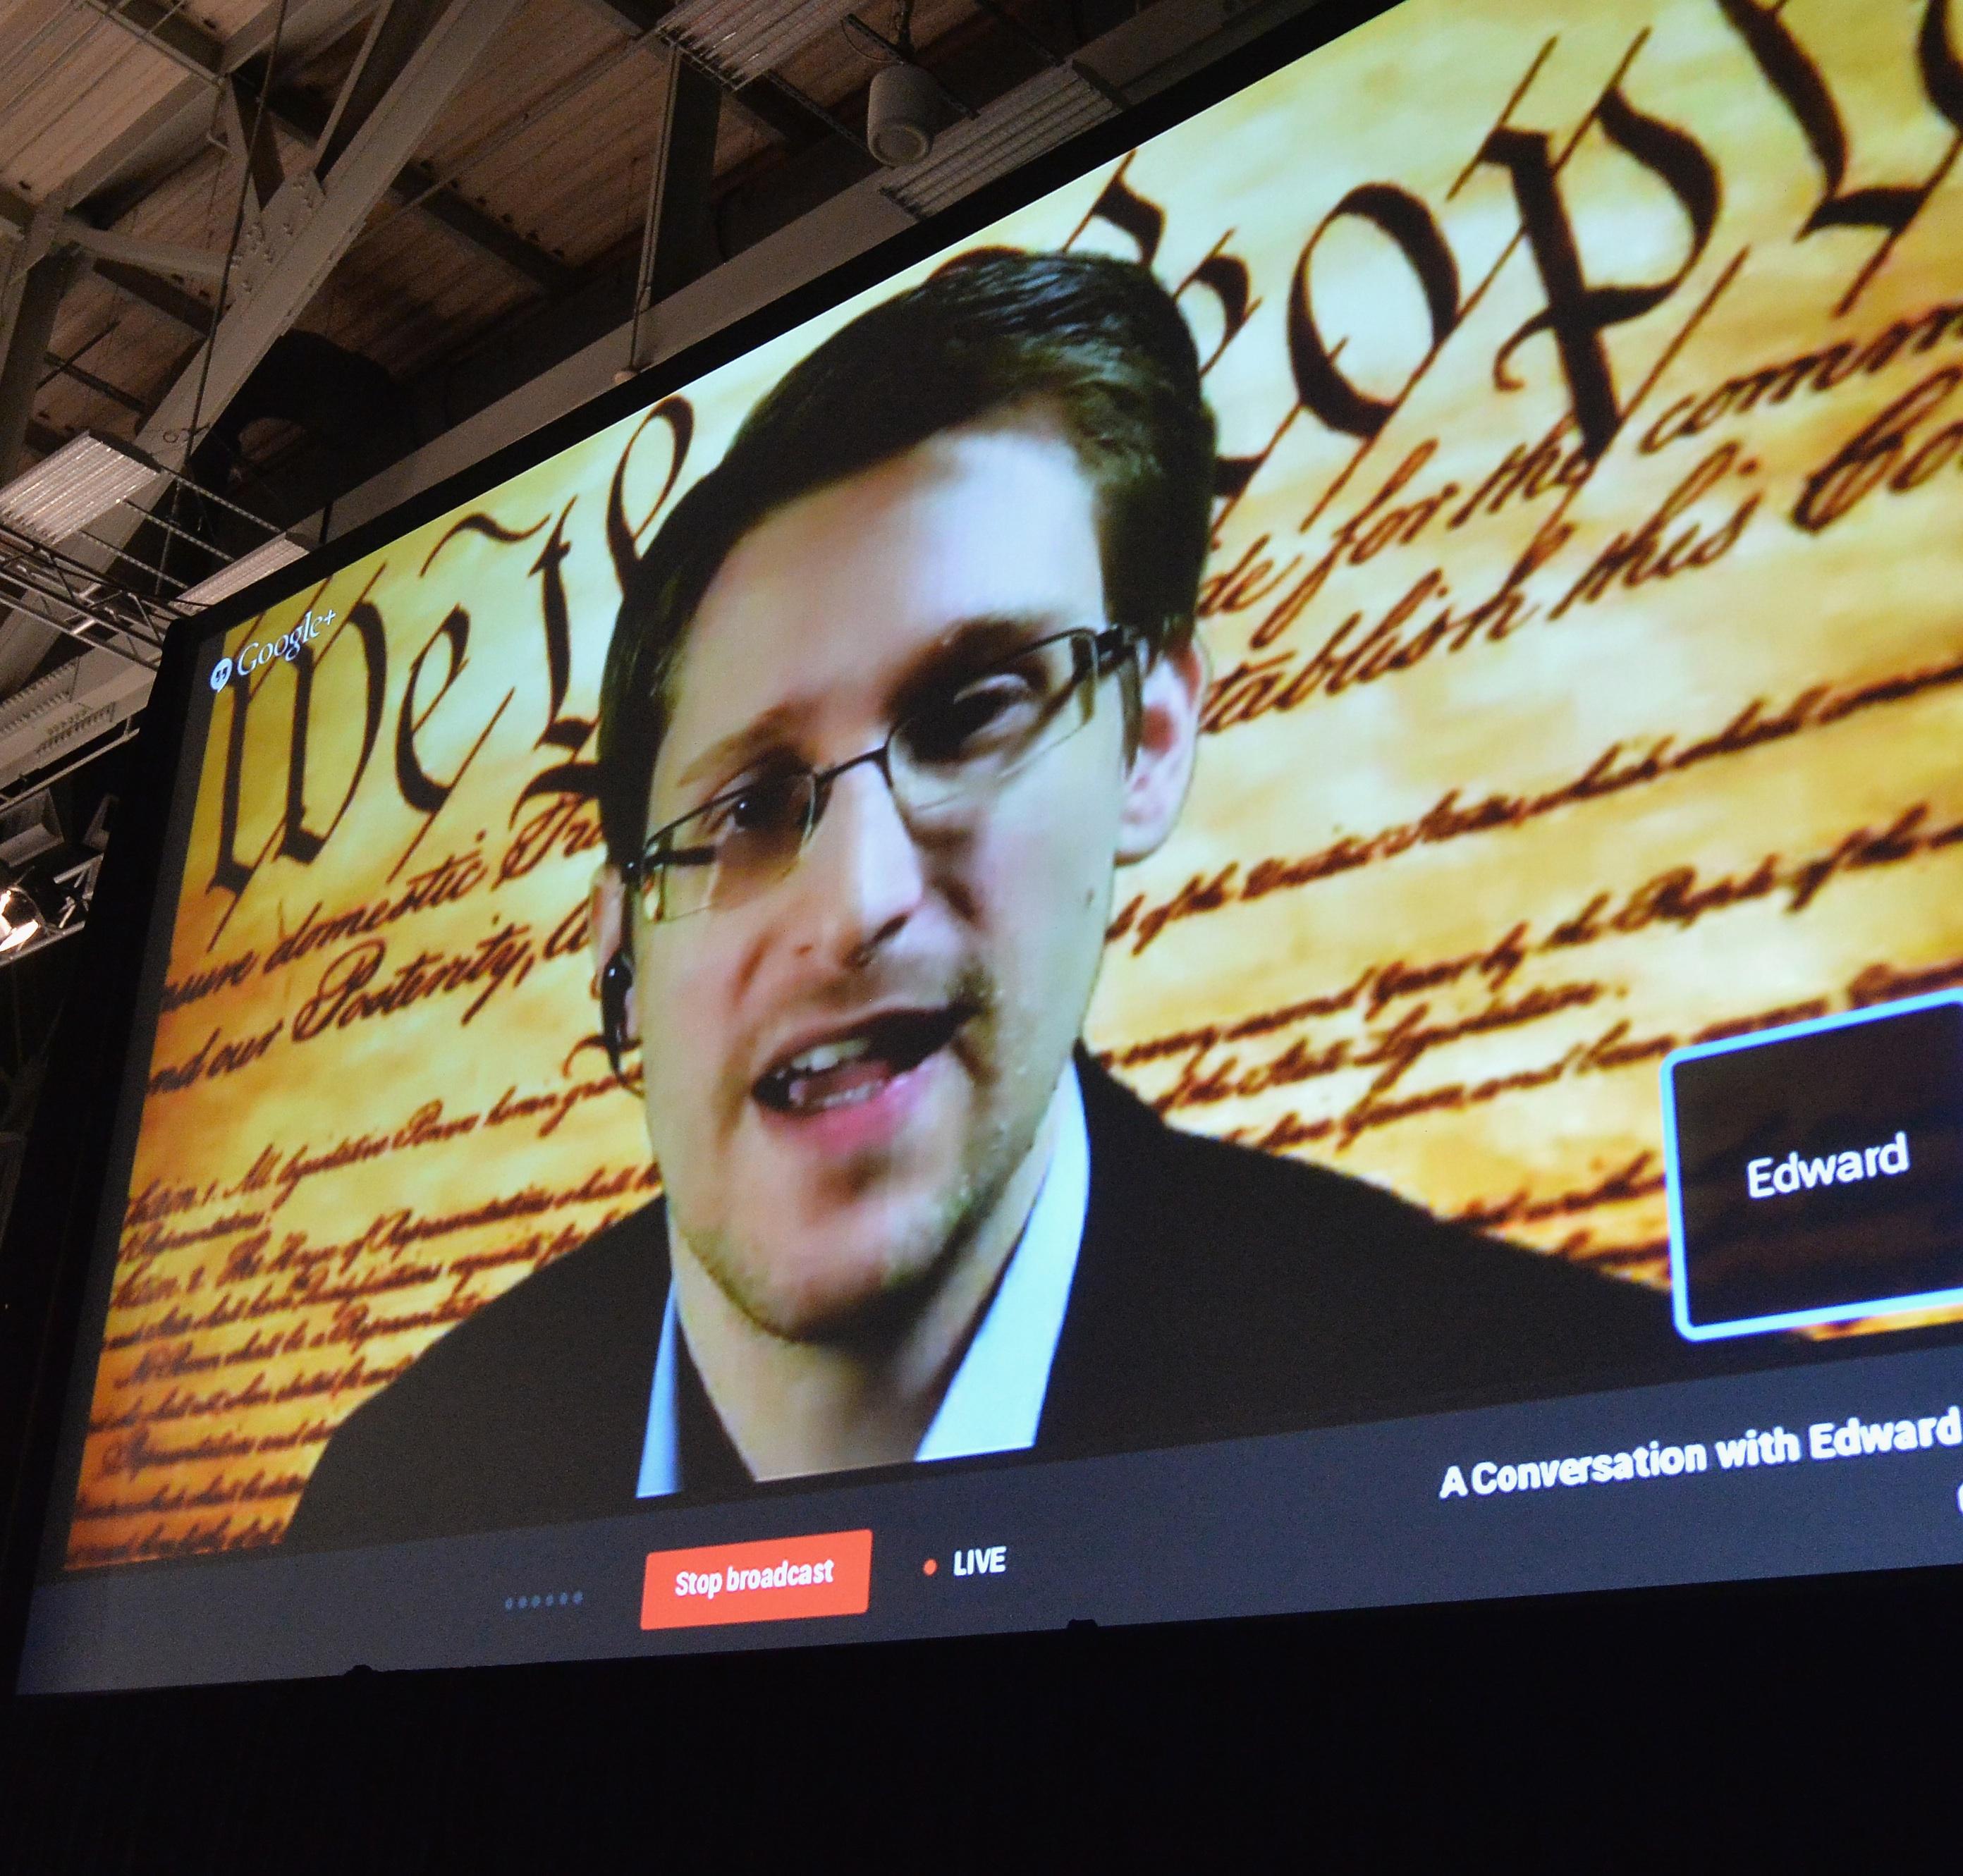 Edward Snowden speaks at SXSW in 2014.